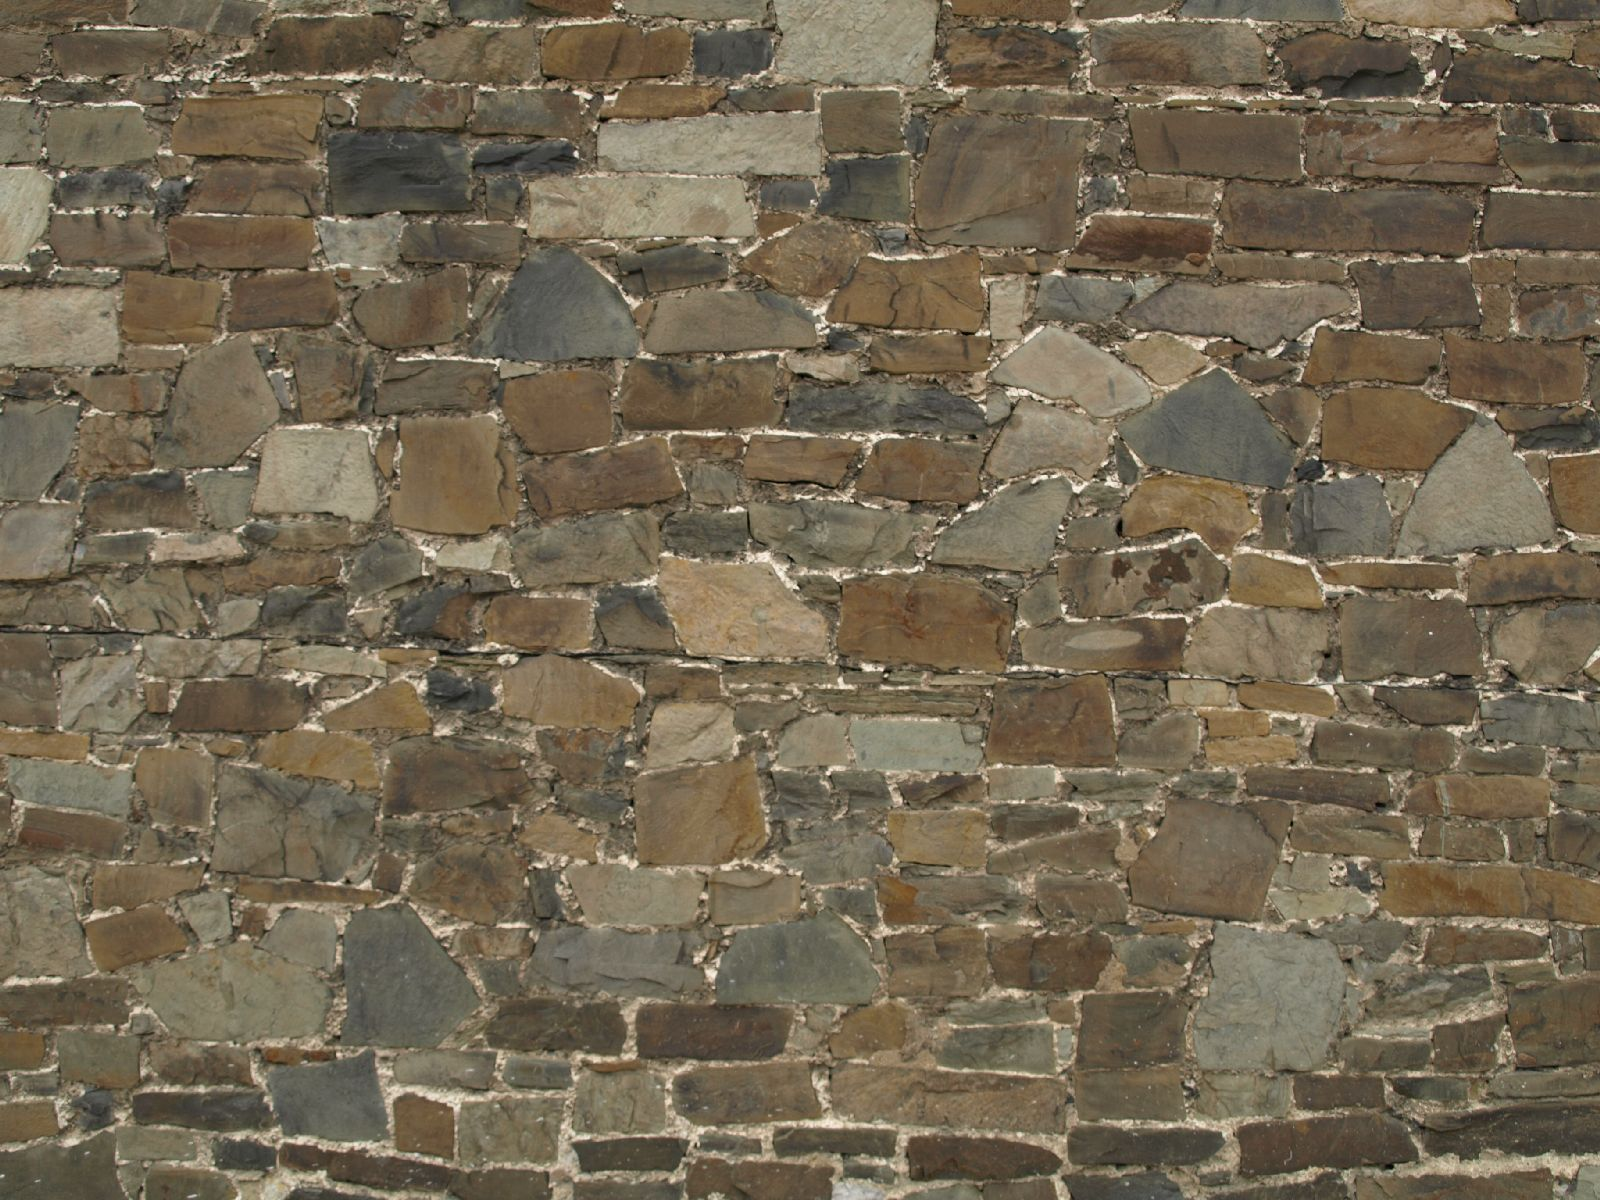 Brick_Texture_A_P6083351